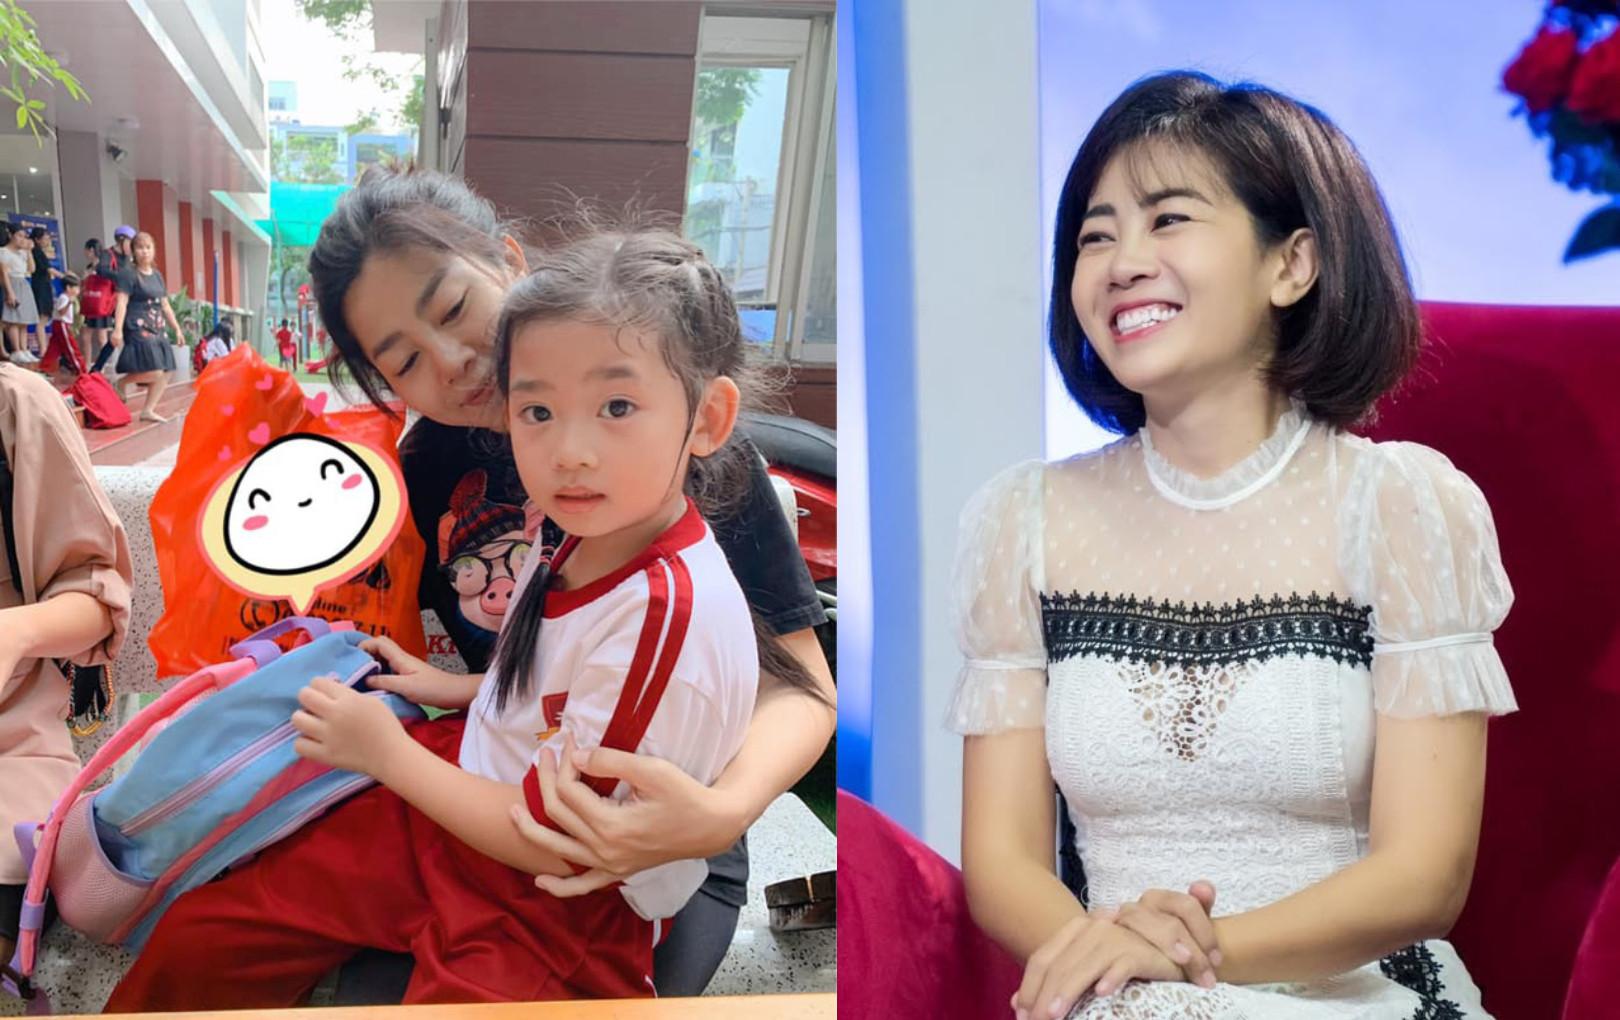 Con gái Mai Phương nhận được học bỗng 100% đến khi đại học, người xin học bỗng khiến ai cũng bất ngờ